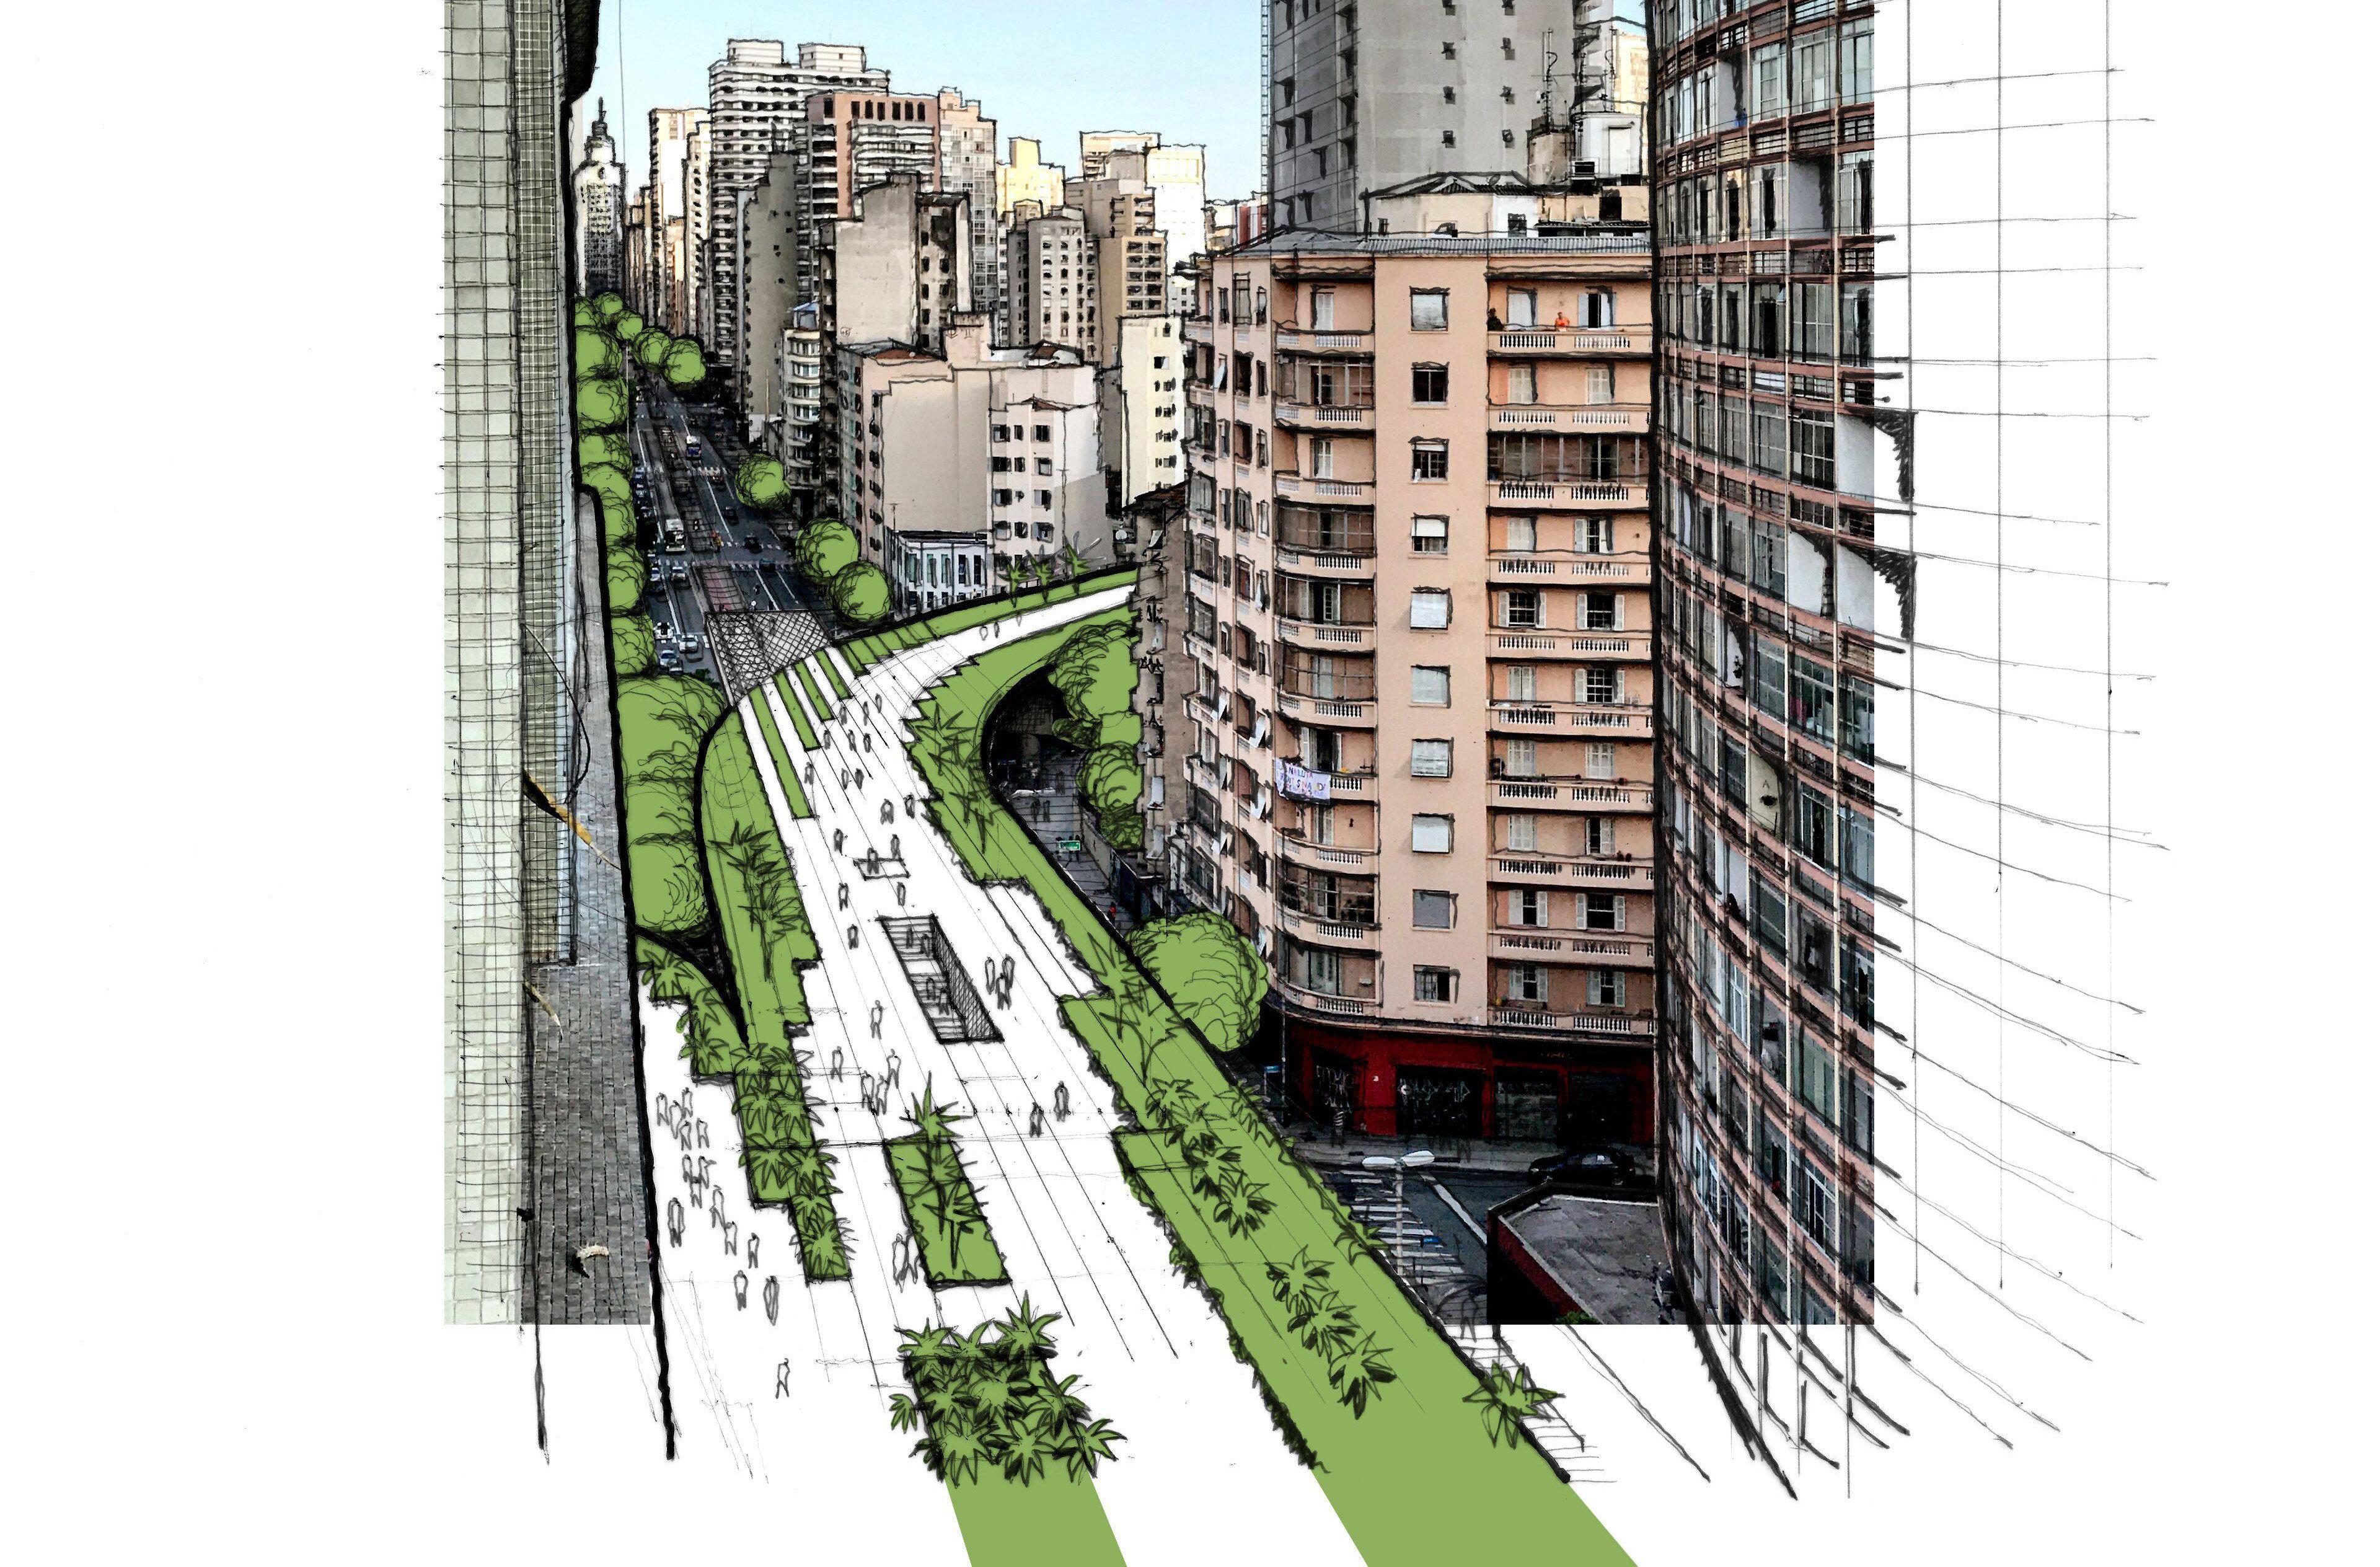 Antiga proposta de transformar Minhocão em parque suspenso é desengavetada por prefeito...